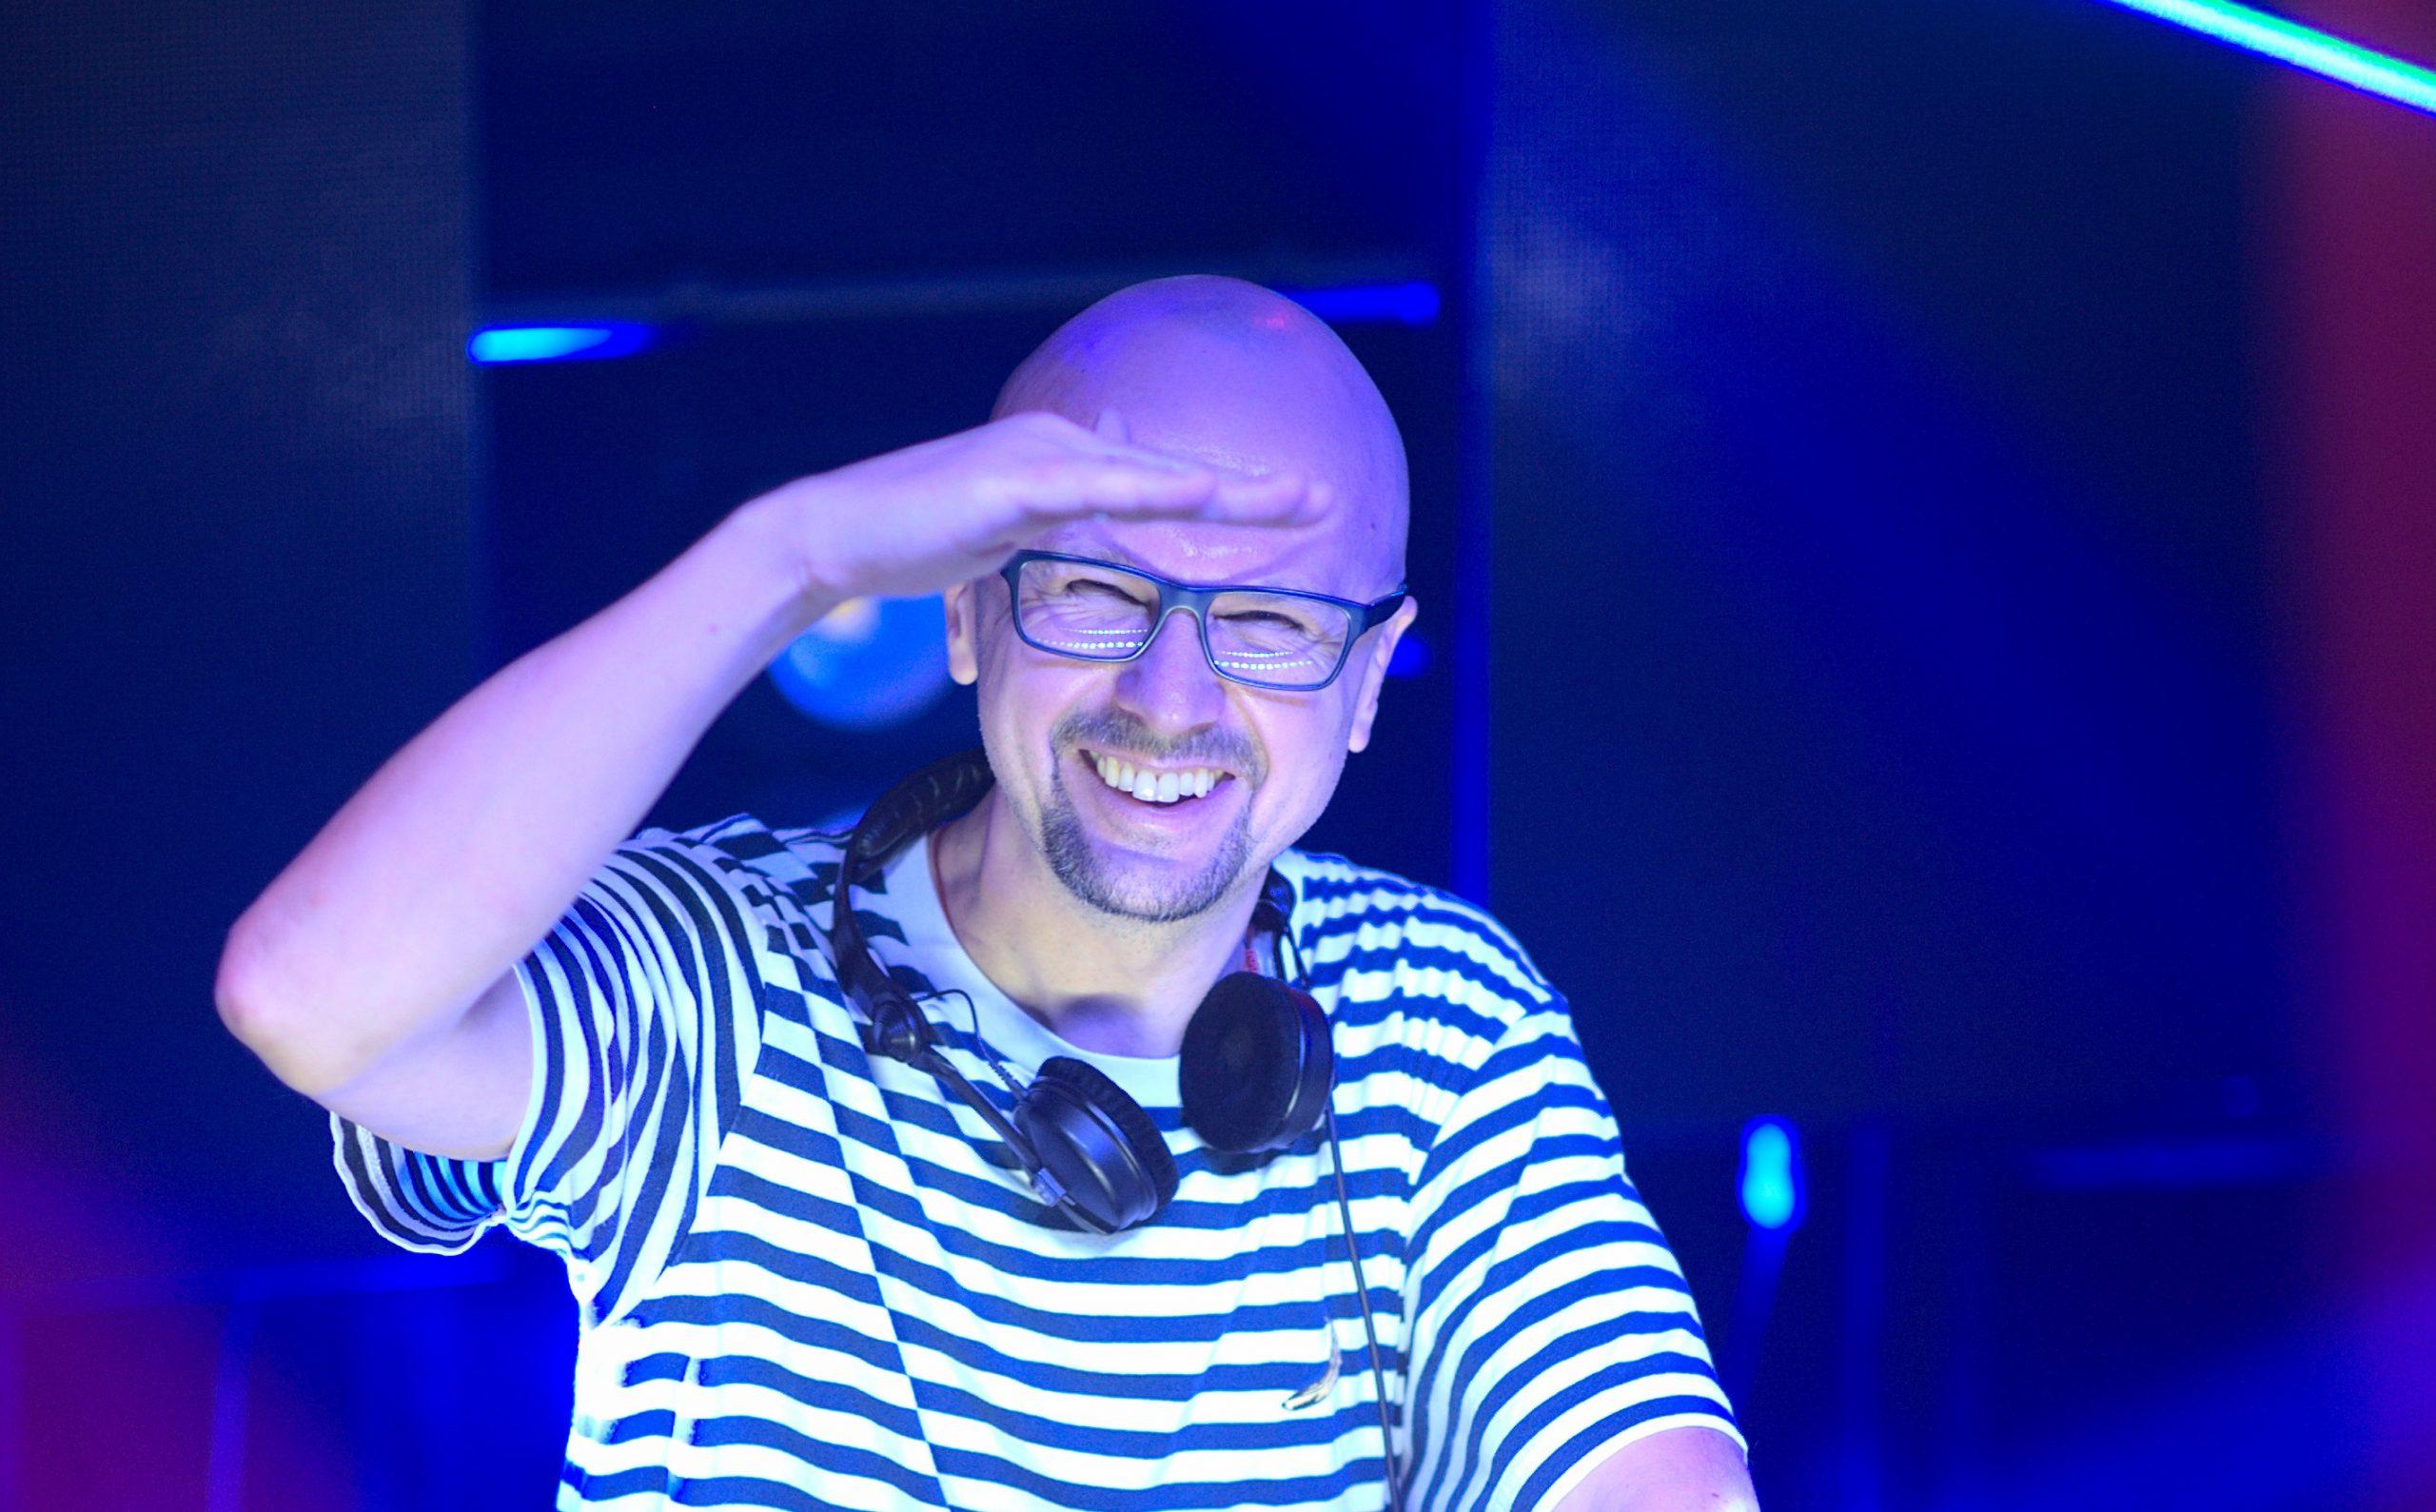 Музыкант, радиоведущий Сергей Санчес: Хочу узнать тайну Борисовских оврагов